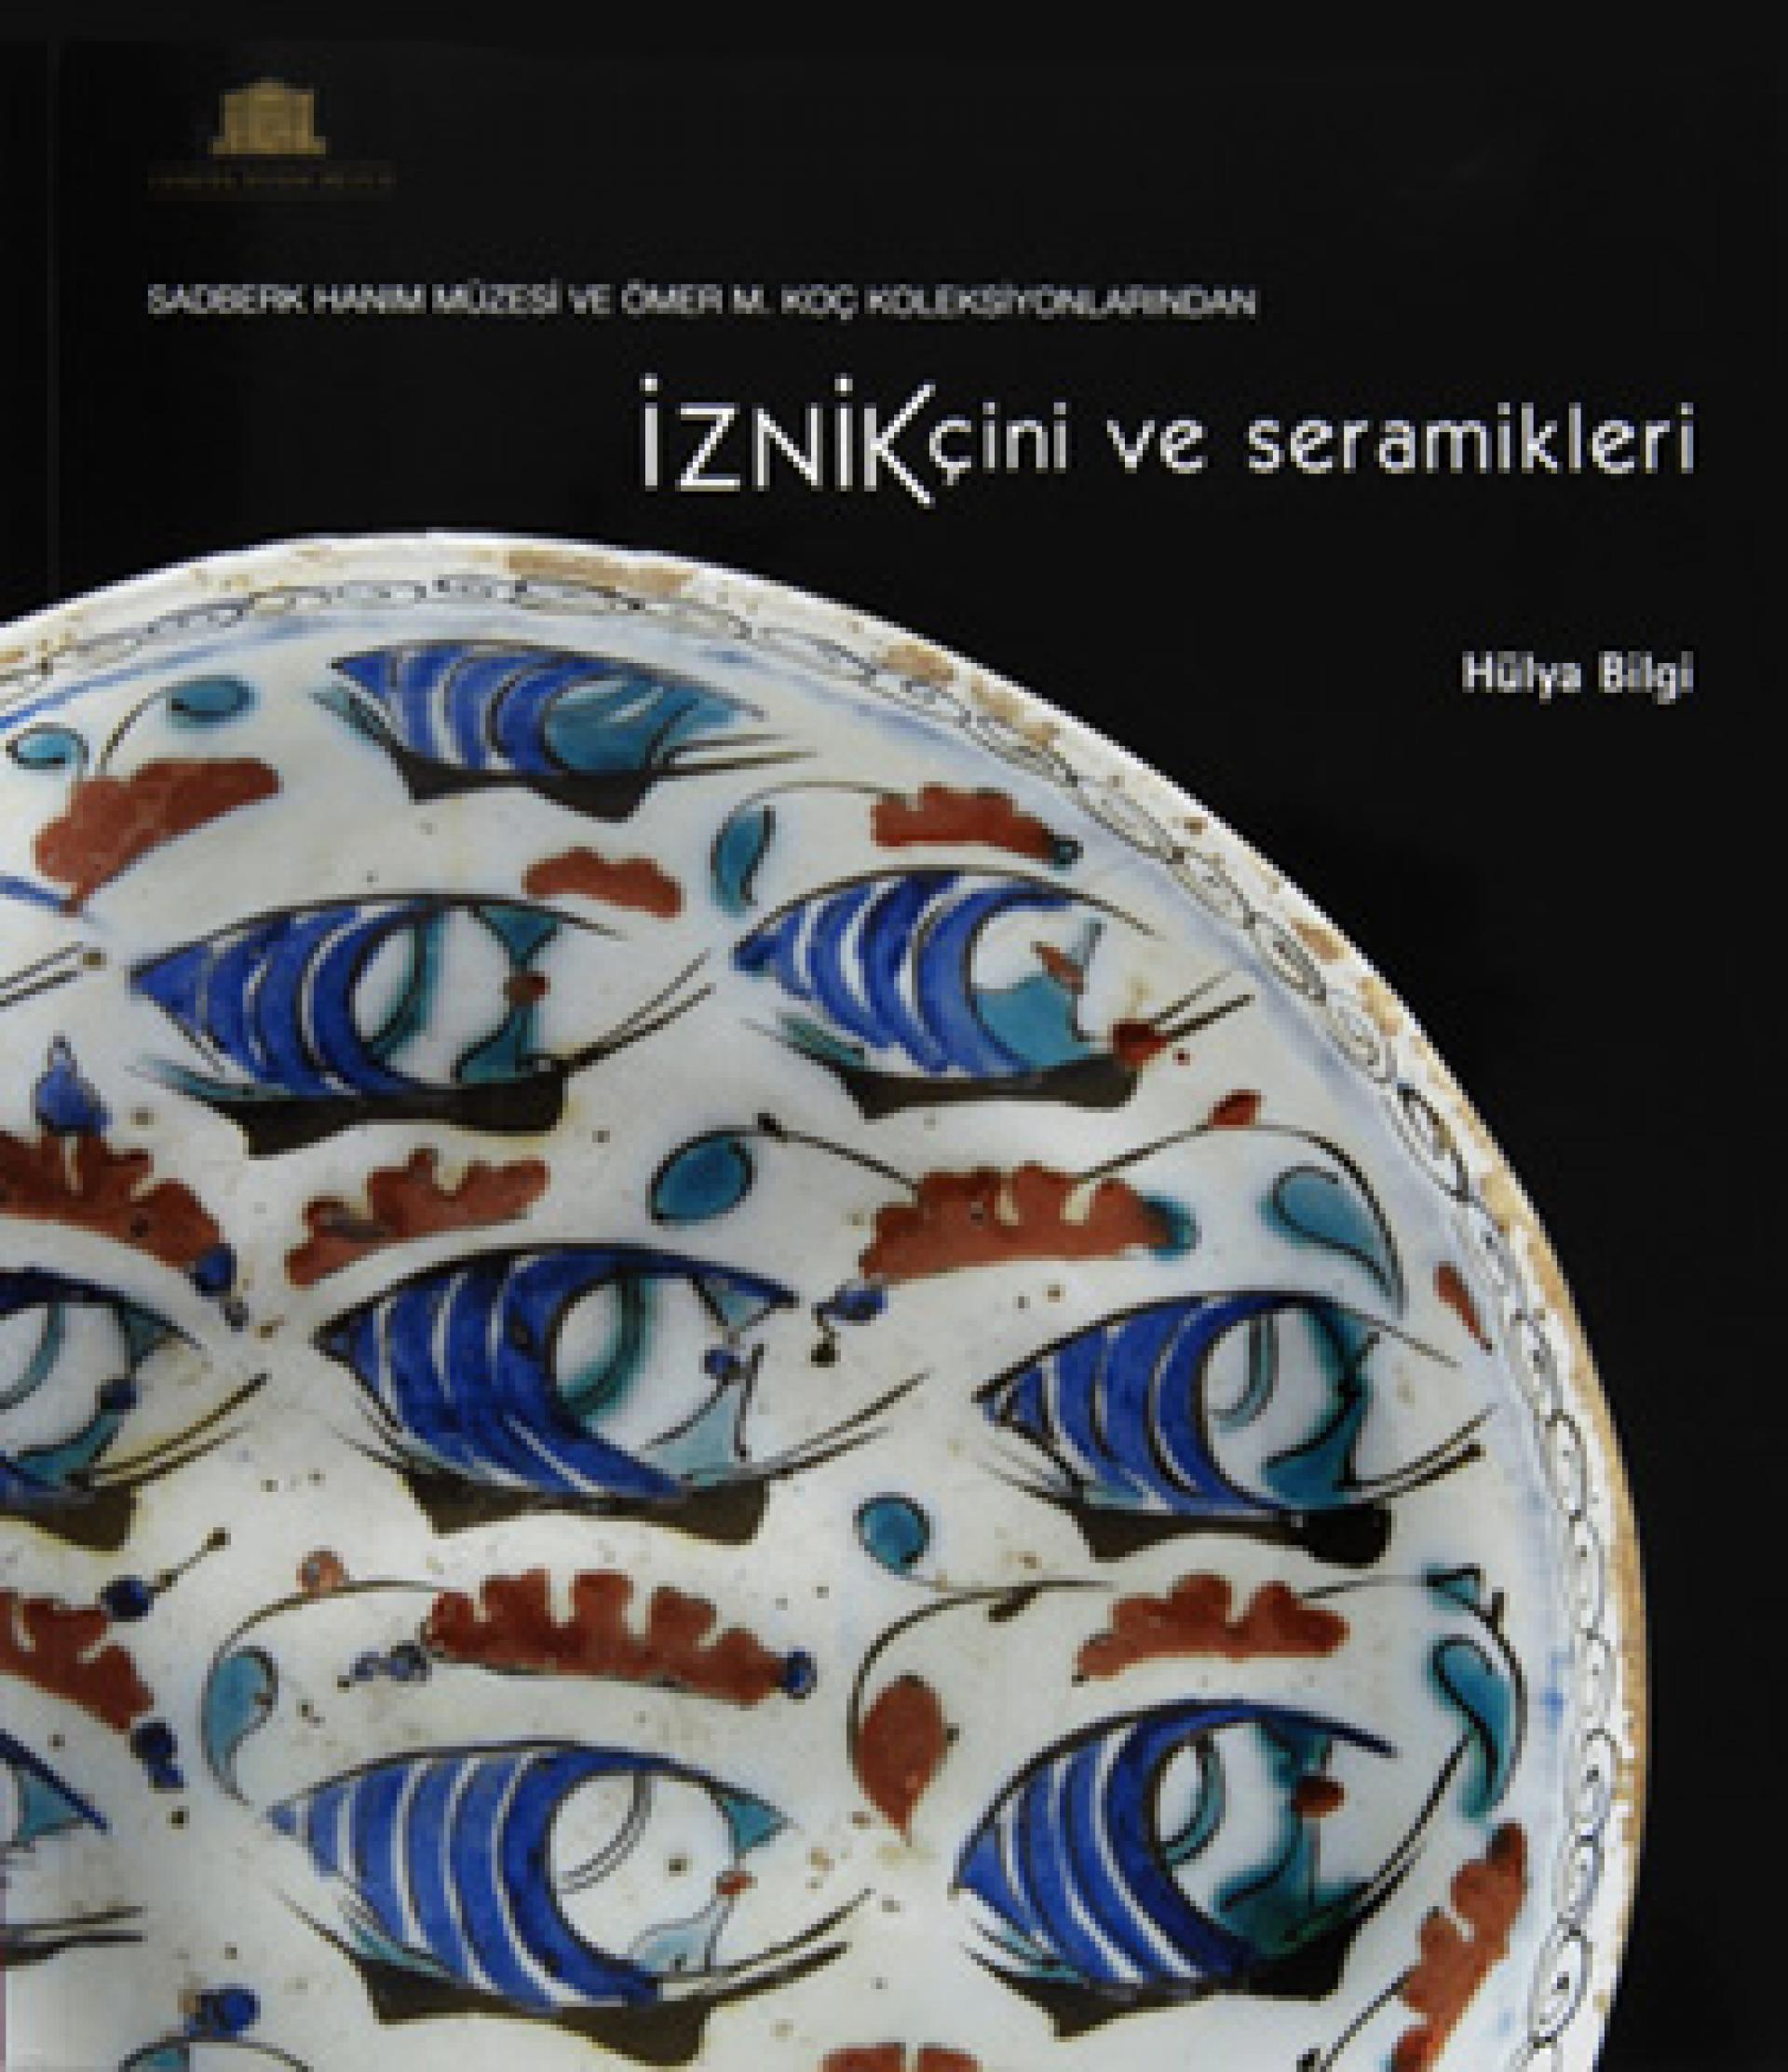 İznik Çini ve Seramikleri - Sadberk Hanım Müzesi ve Ömer M. Koç Koleksiyonlarından - BOOKS - Sadberk Hanım Museum